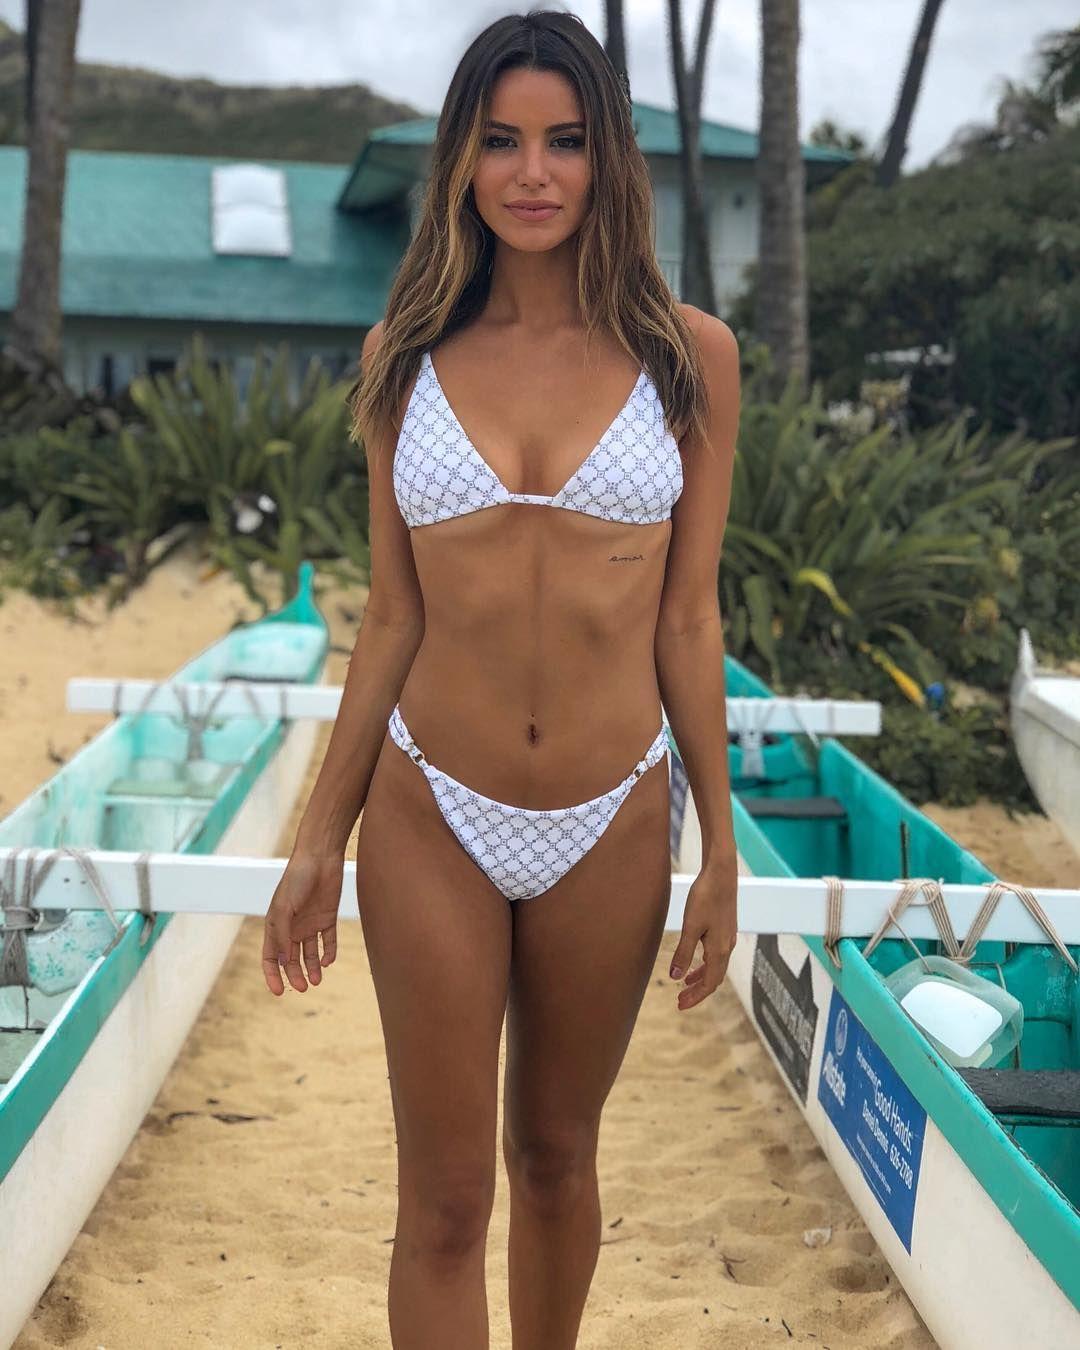 Bikini Madison Reed nude (34 photo), Sexy, Bikini, Feet, butt 2018